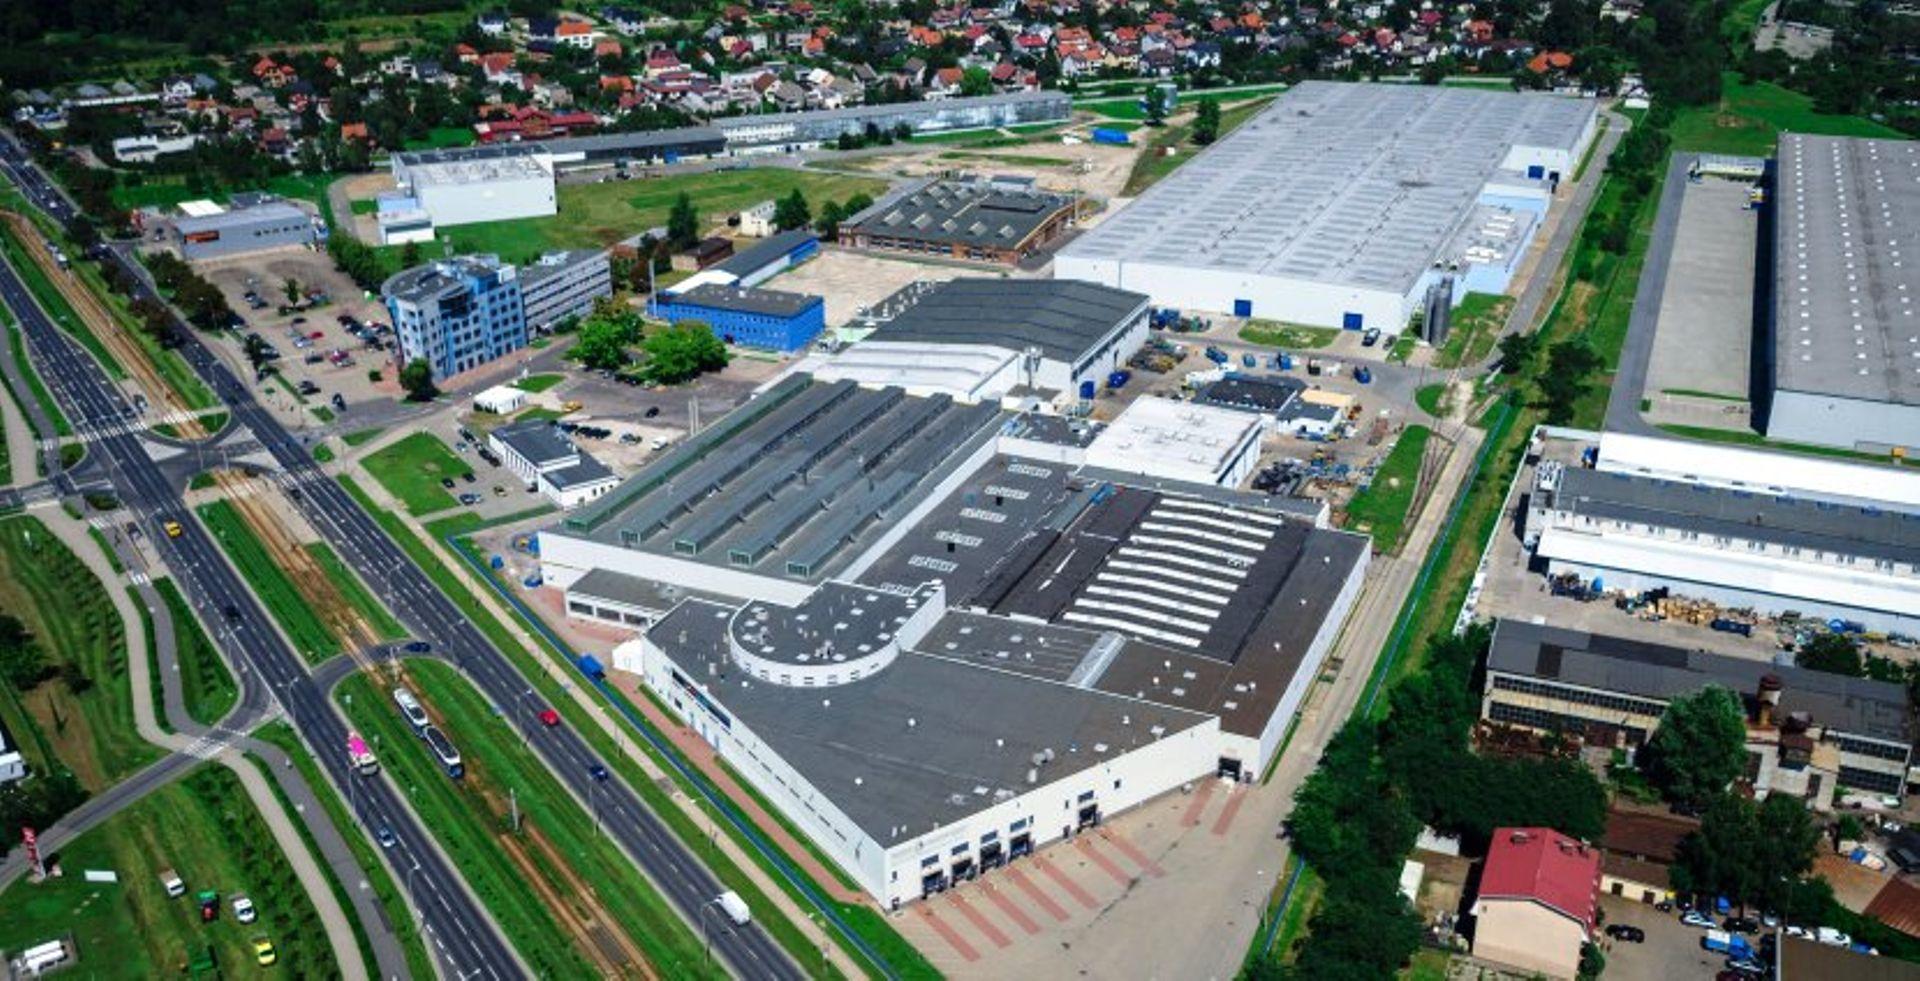 Wrocław: BSH zatrudnił już 900 pracowników. Planuje zatrudnić kolejnych 400